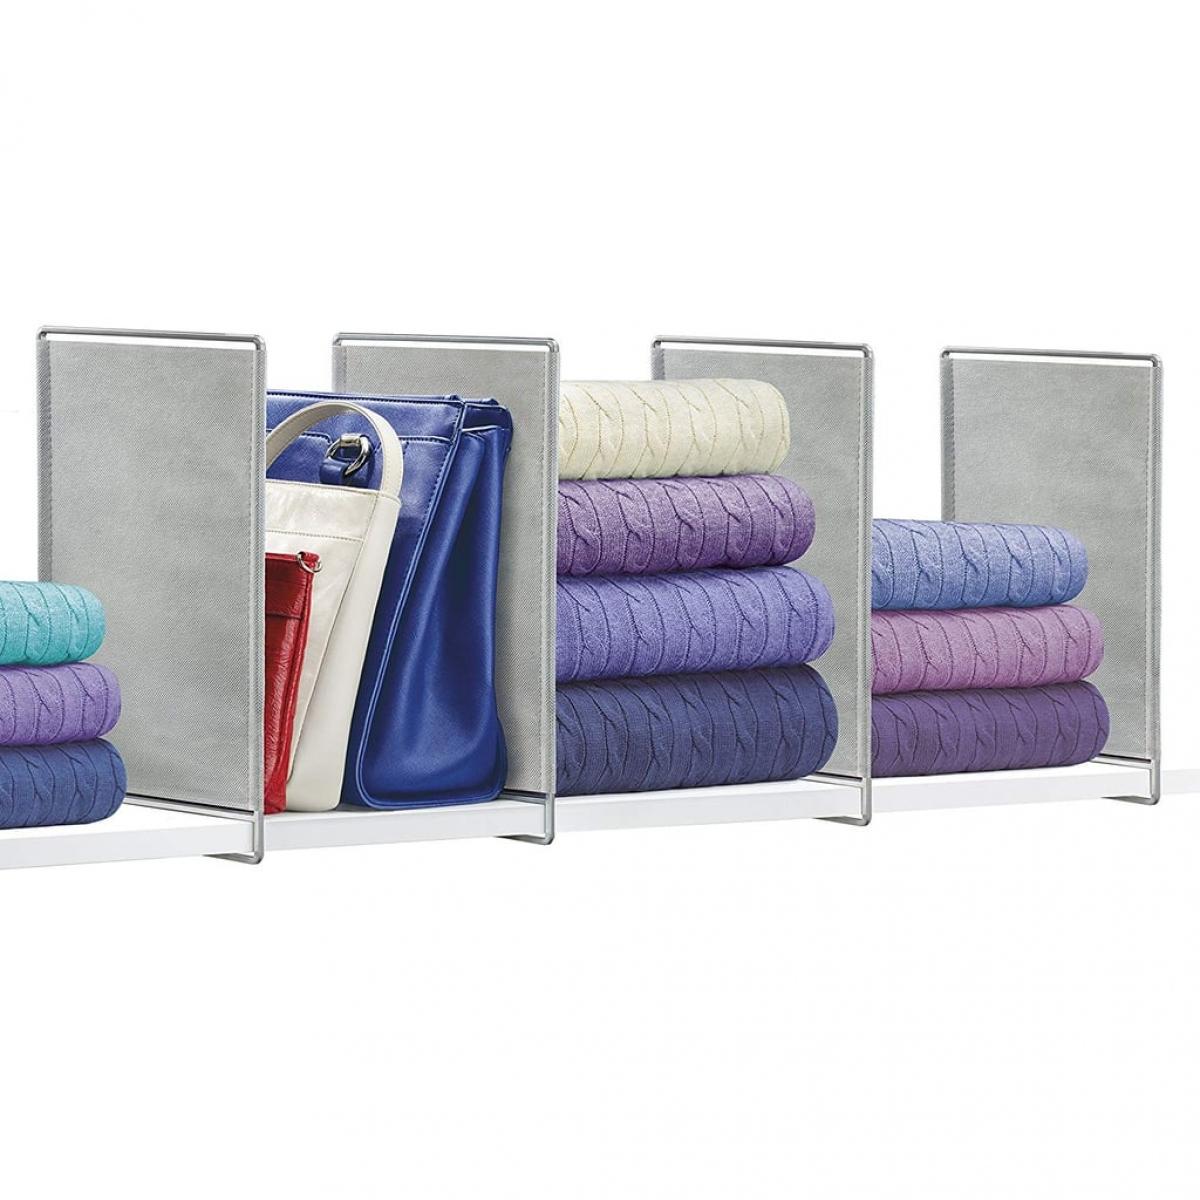 Khi tủ quần áo có quá nhiều đồ đạc, hãy chia ngăn để có thể xắp sếp dễ dàng hơn. Những ngăn di động này có thể phù hợp với nhiều kích thước kệ.